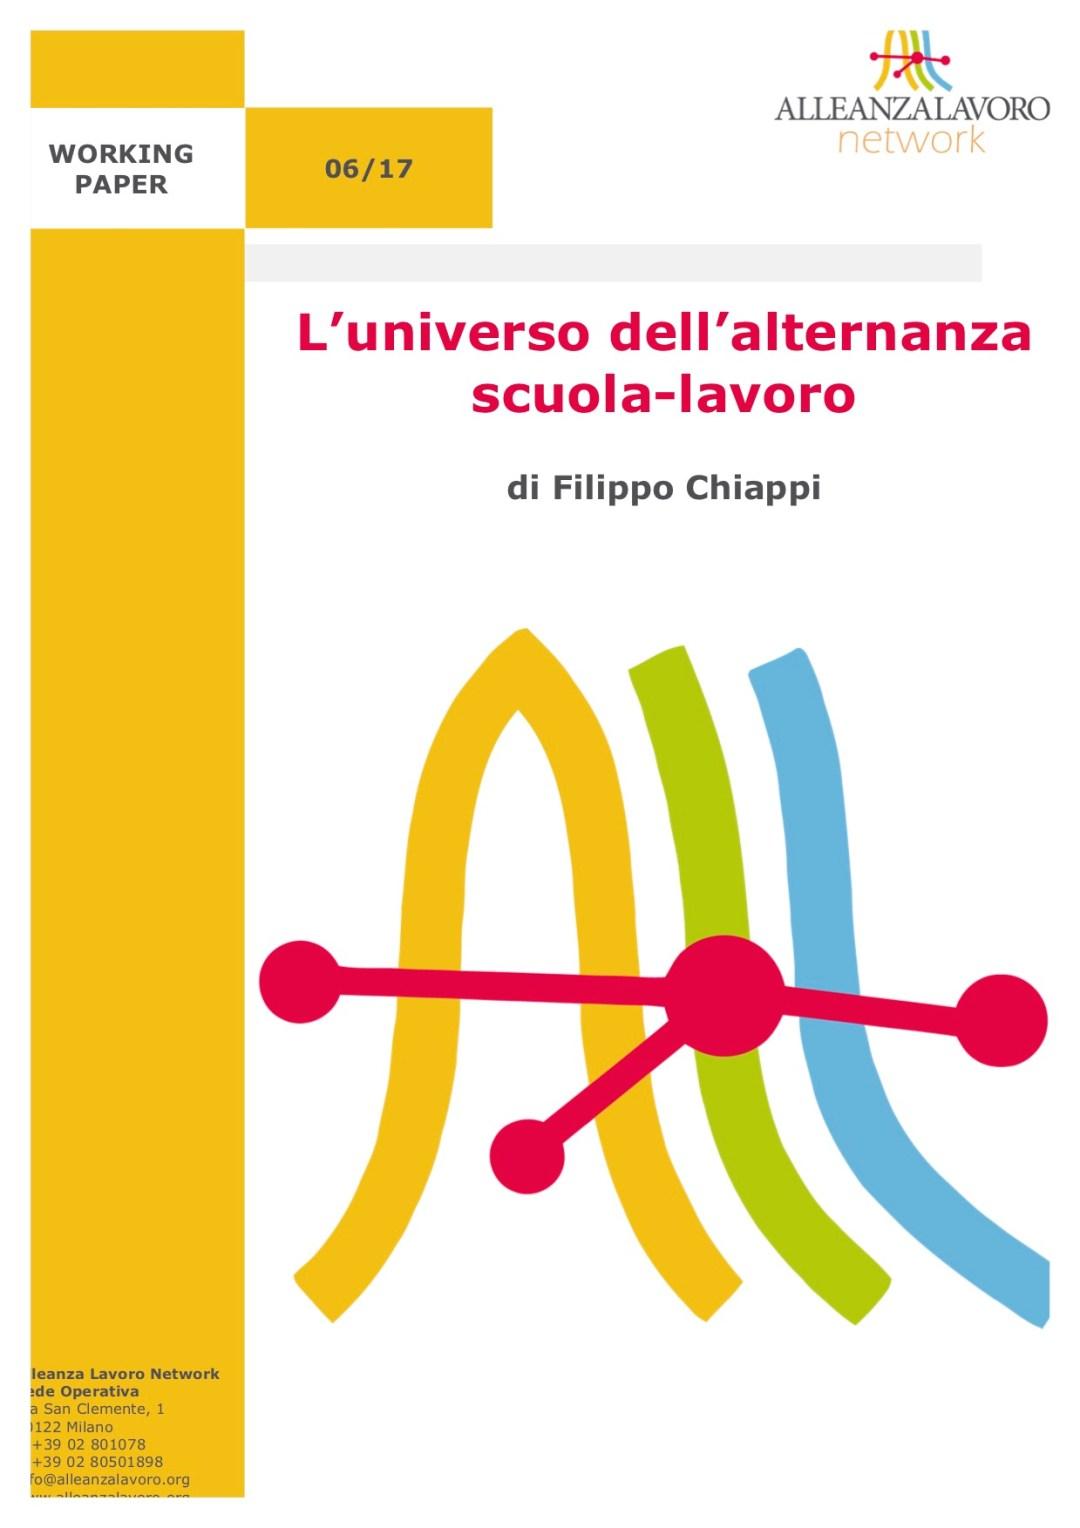 Working Paper: L'universo dell'alternanza scuola-lavoro